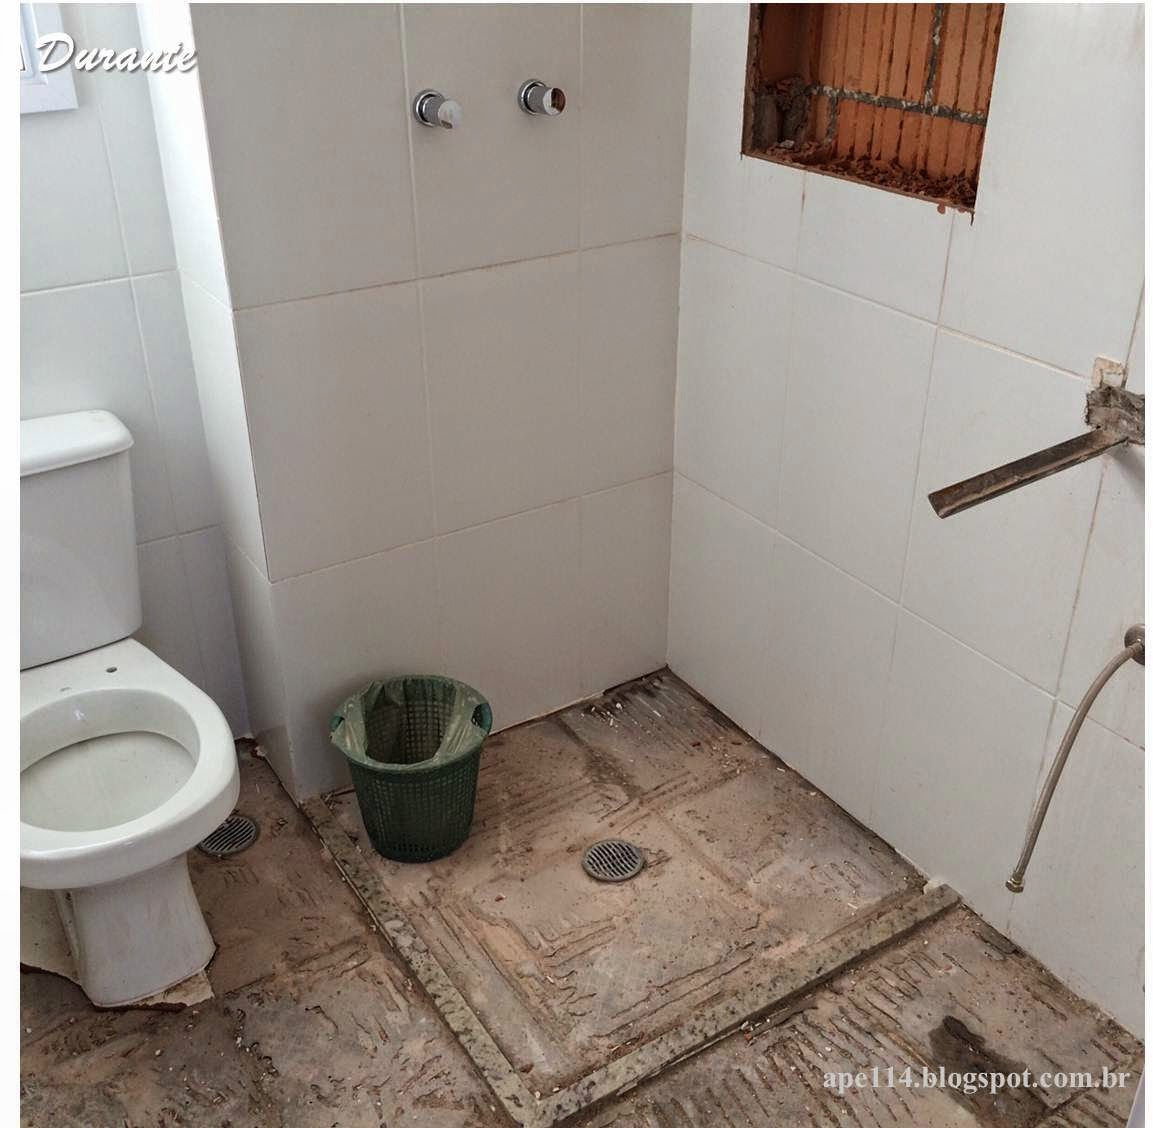 Apê 114: Novembro 2014 #654A3A 1153x1128 Bancada Banheiro Concreto